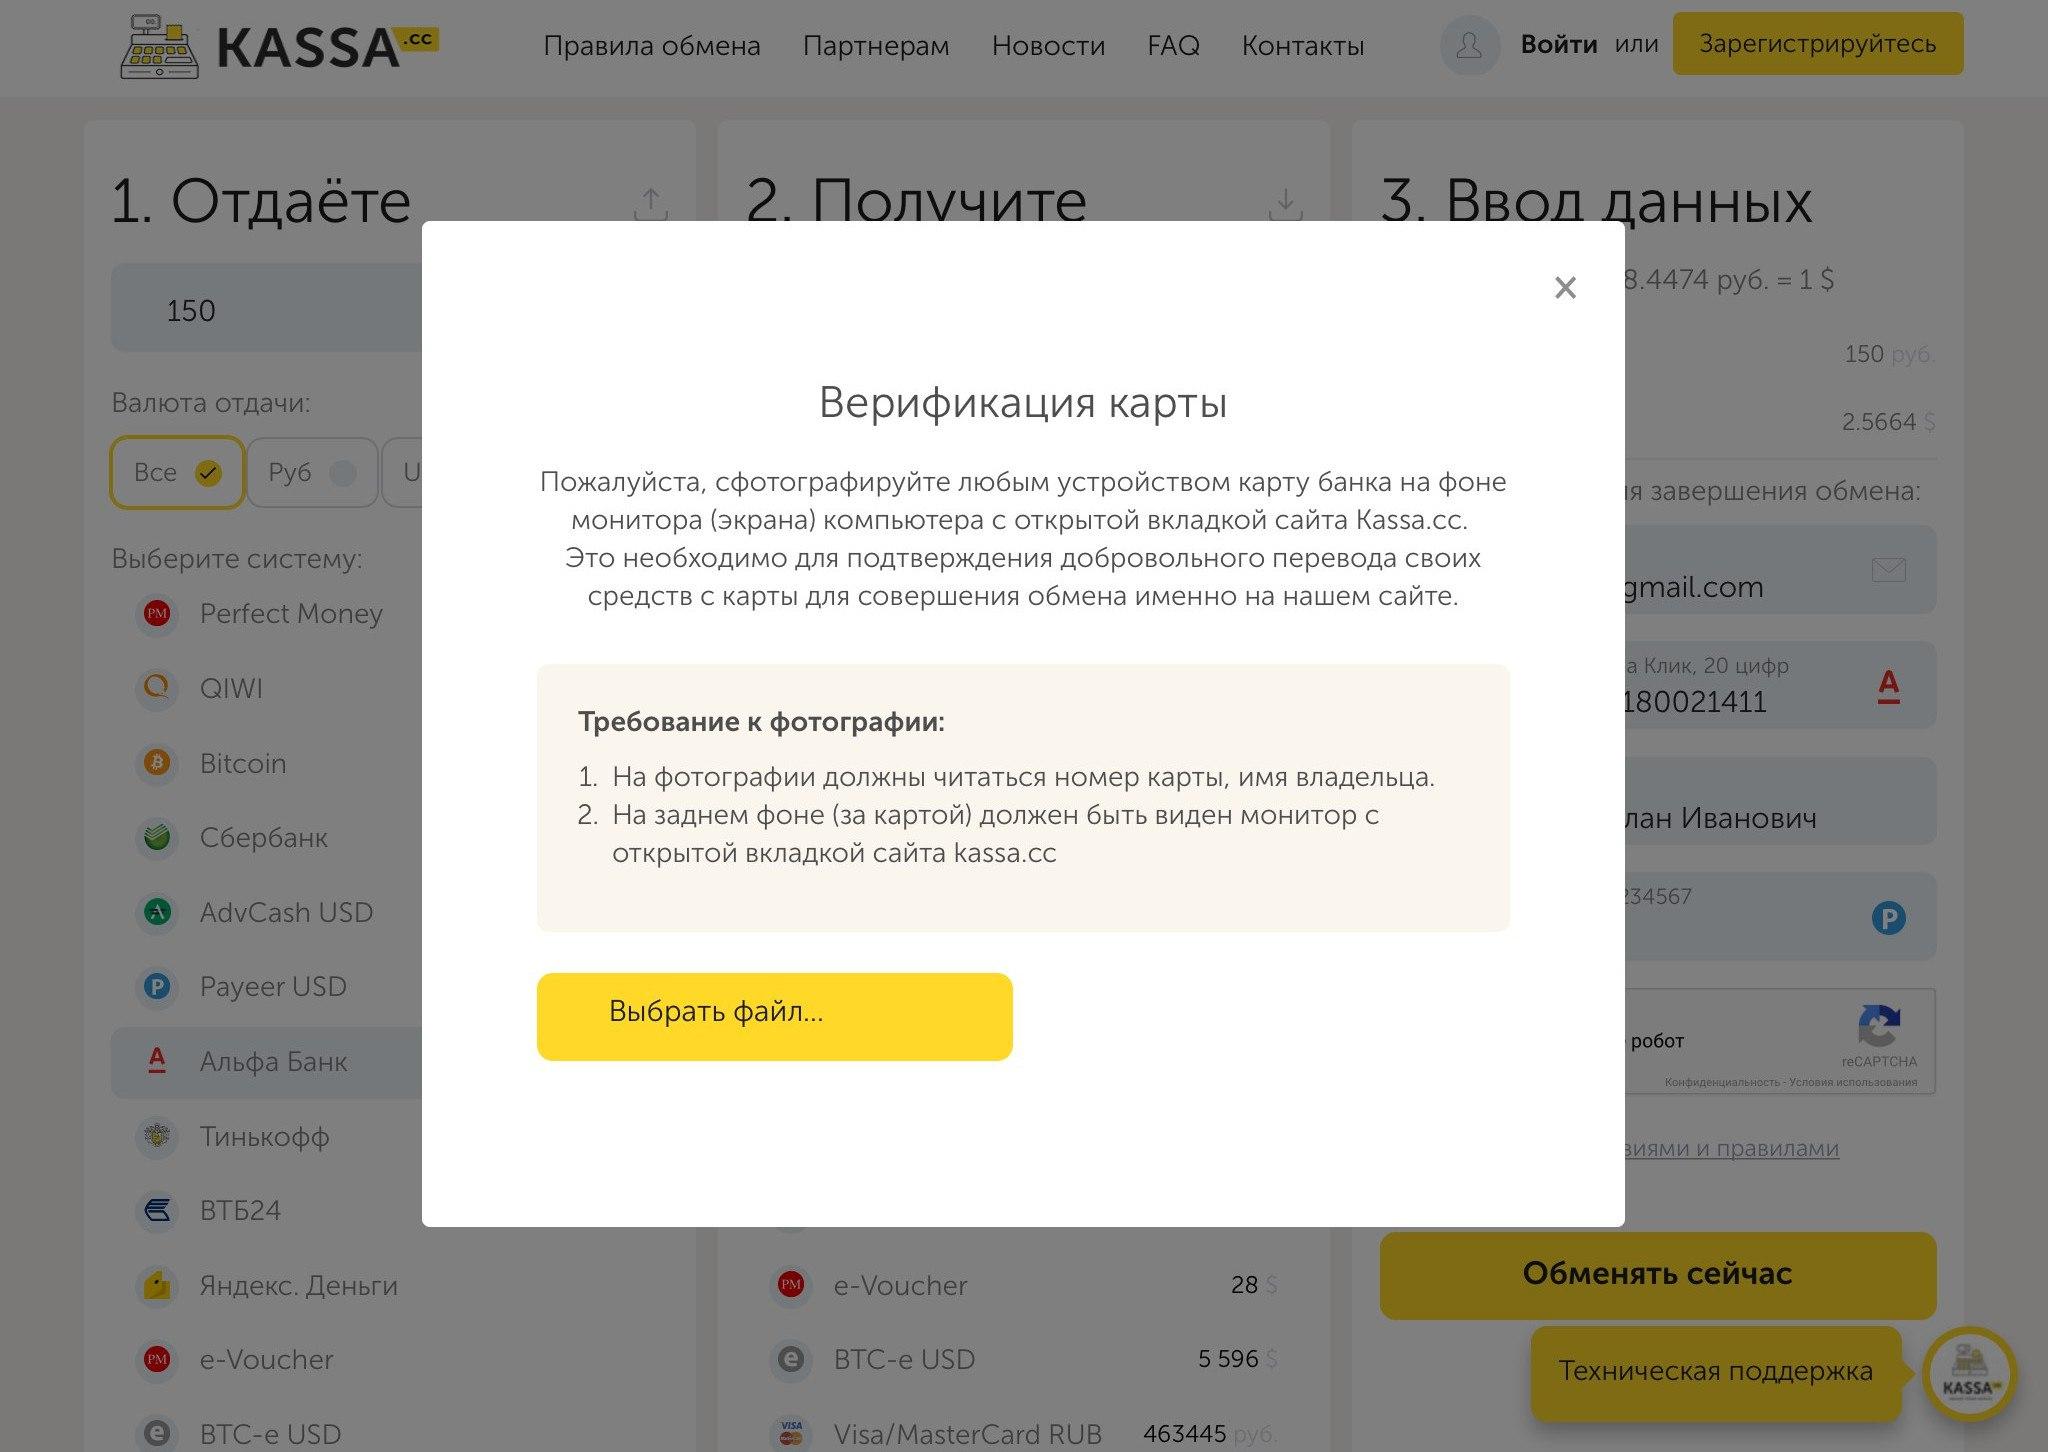 Kassa.cc - единый обмен валюты. Перевод с карты Альфа-Банк на Payeer USD